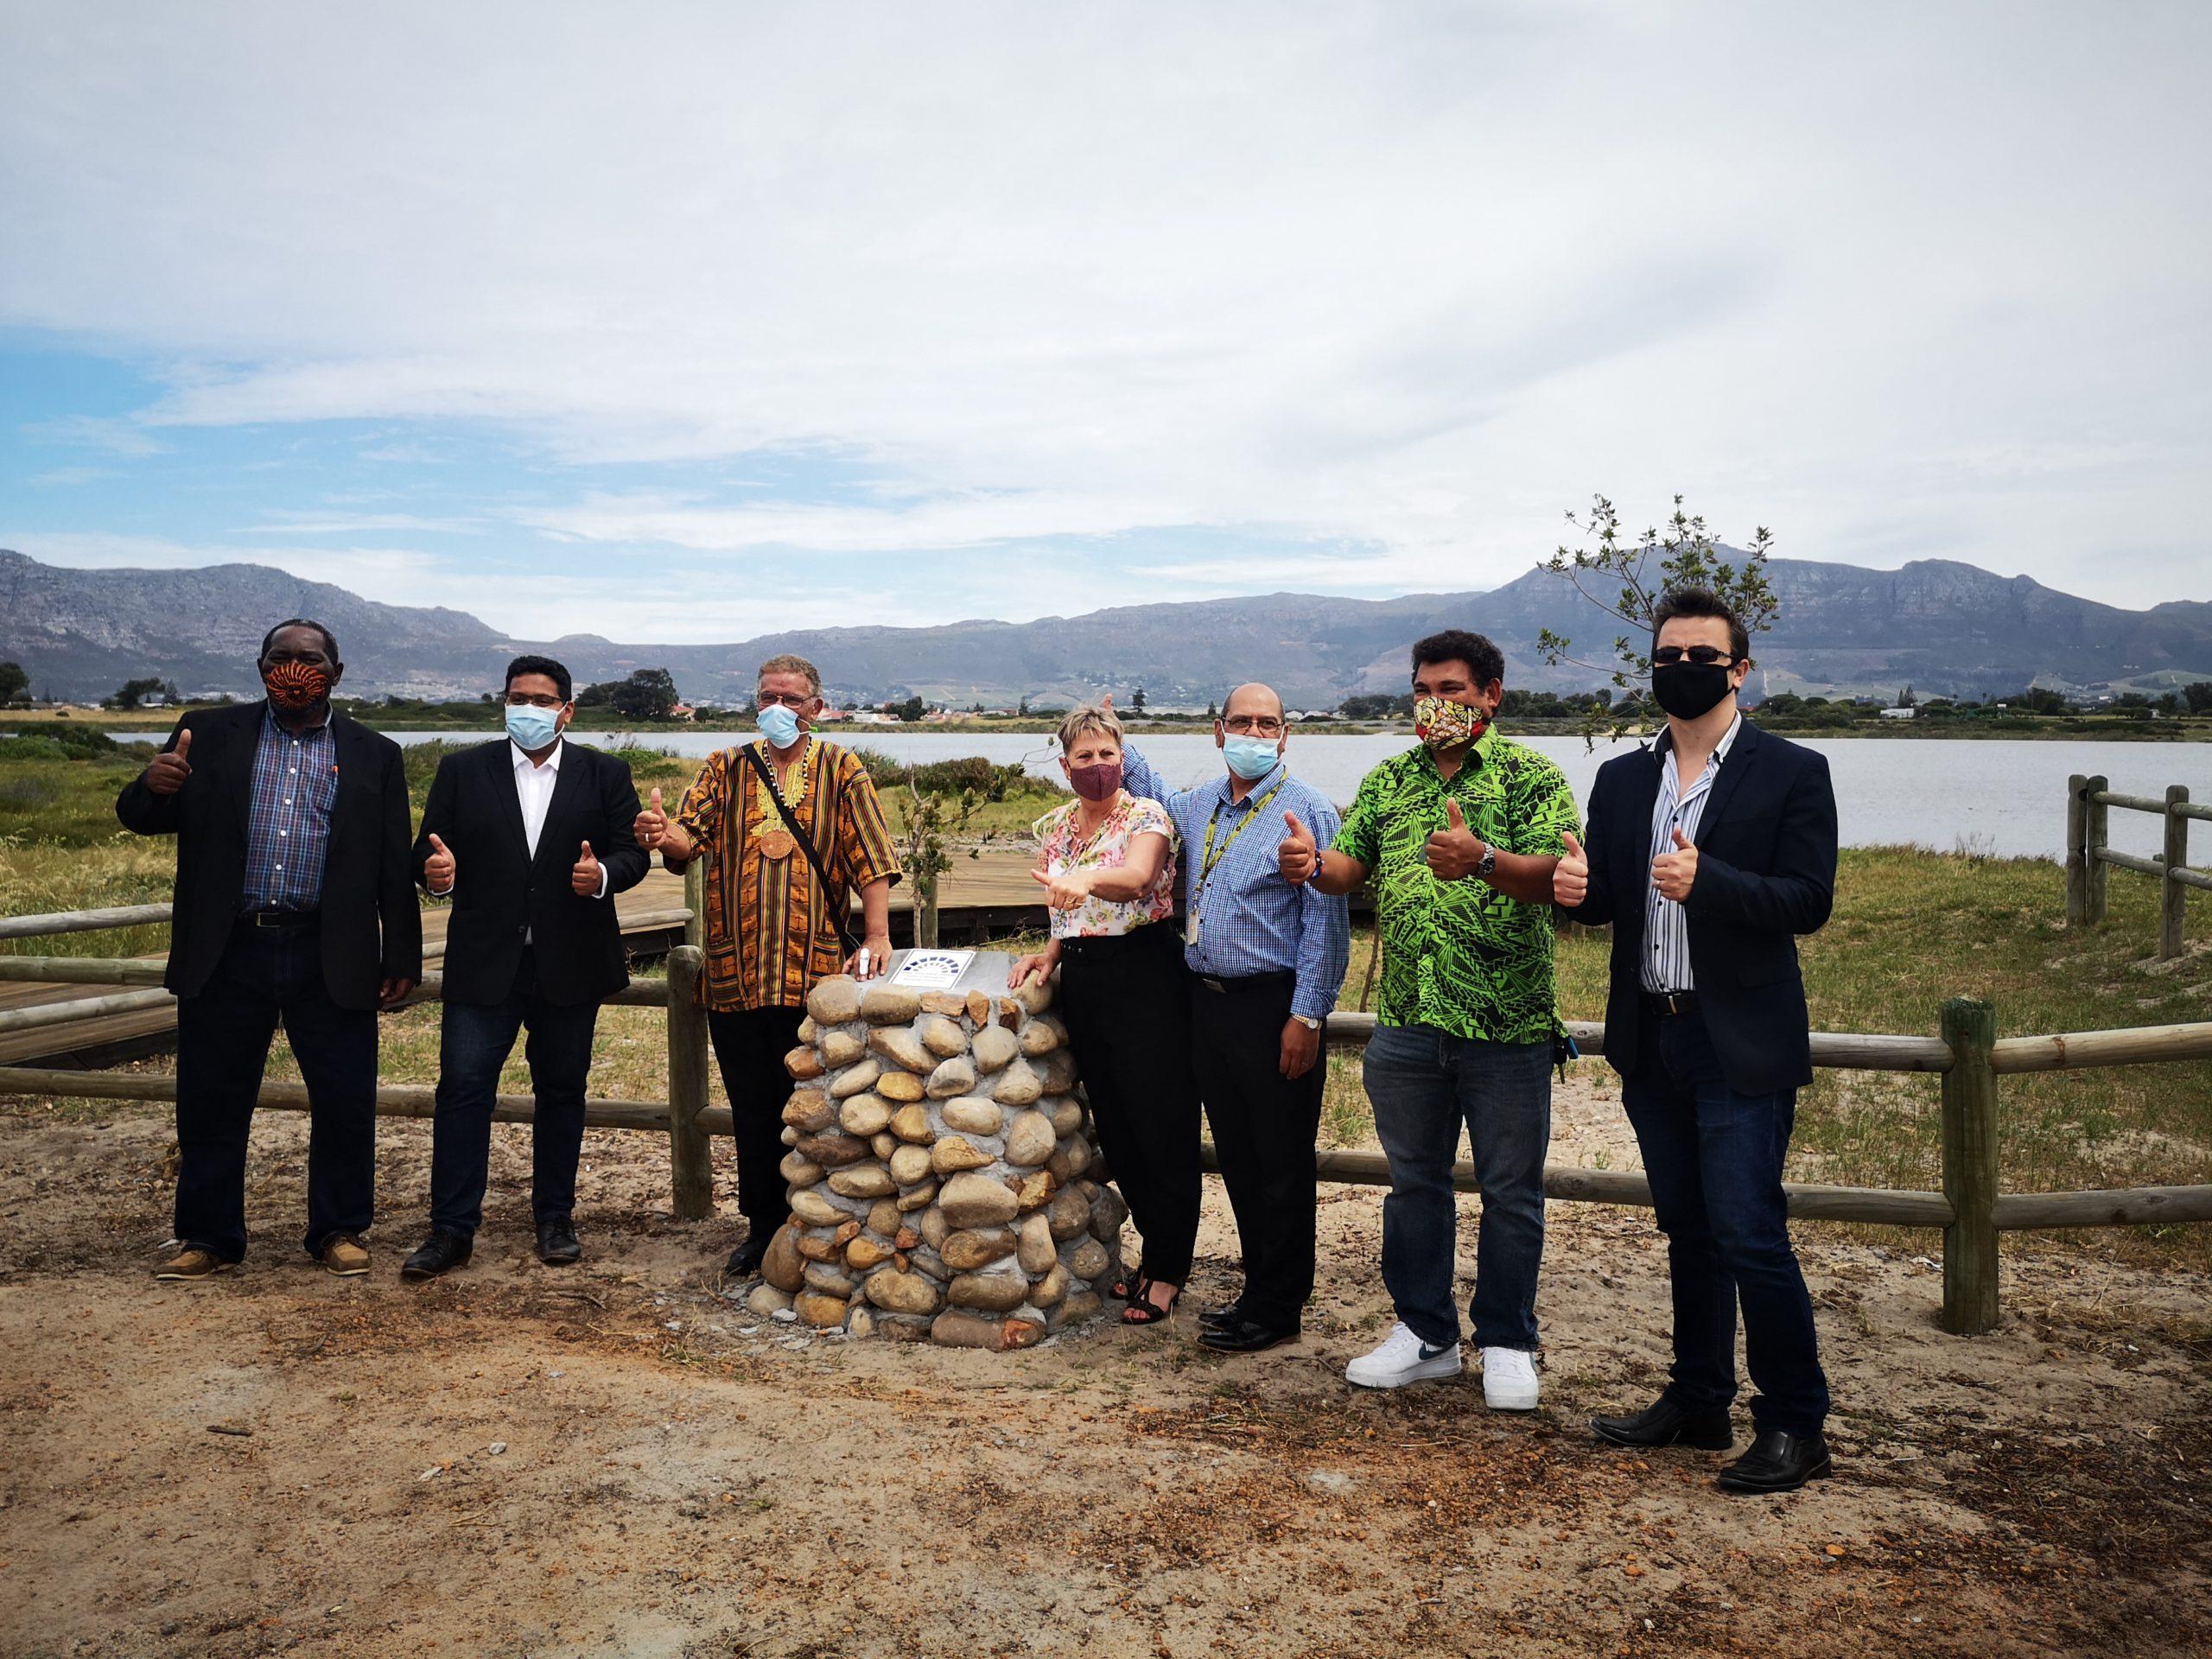 Minister Marais declares Princess Vlei Eco Park a Provincial heritage site